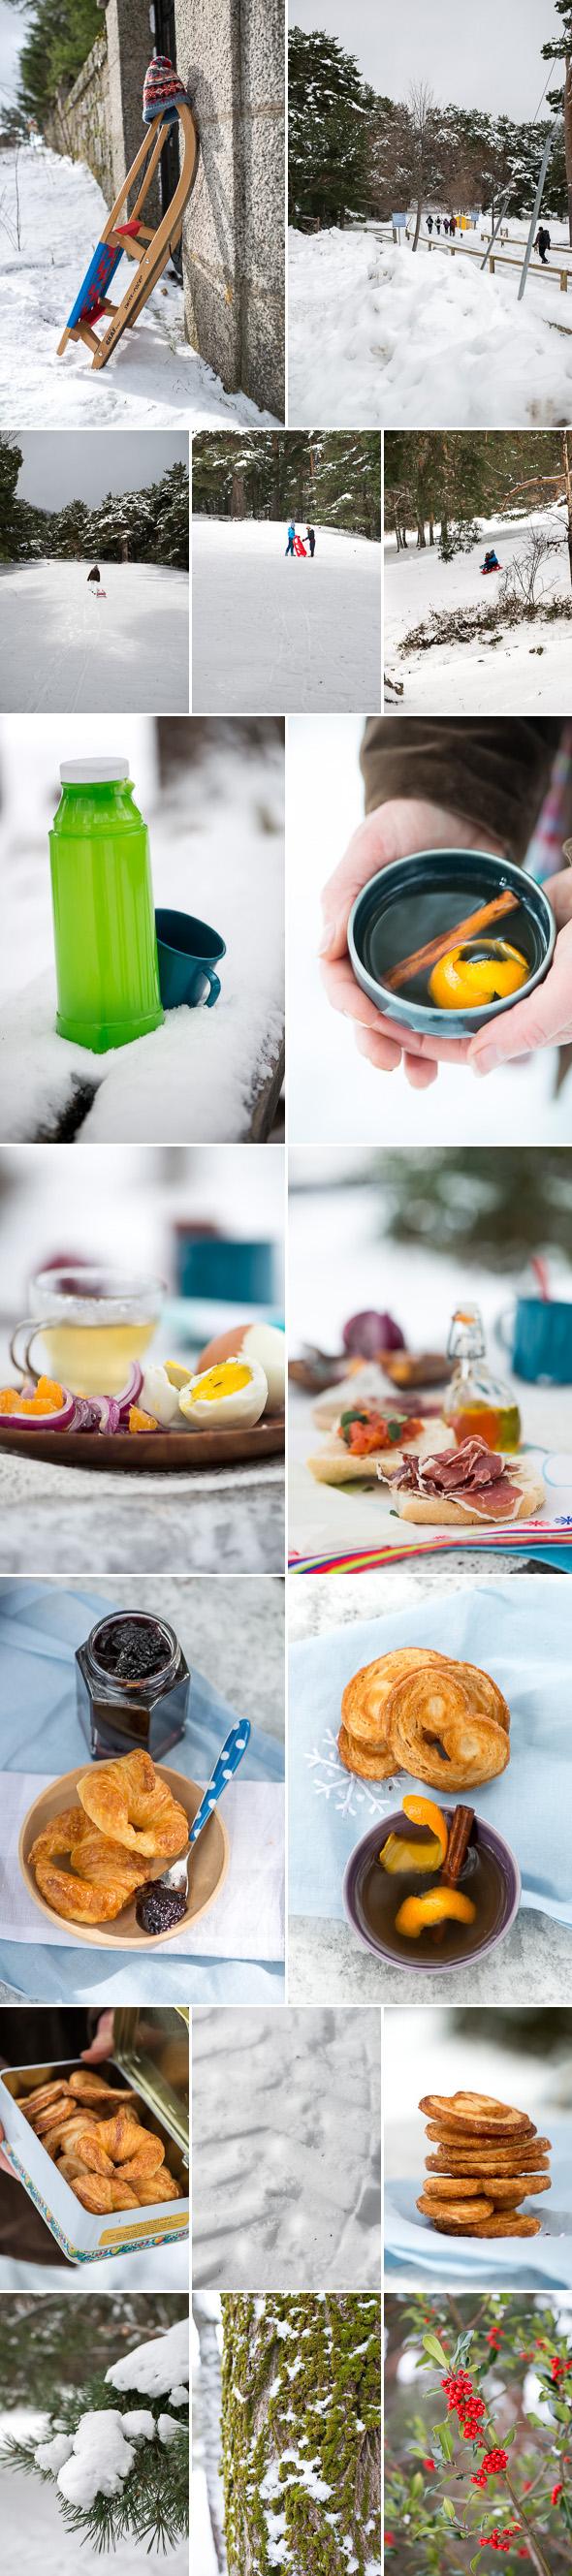 Blog excursión a la nieve